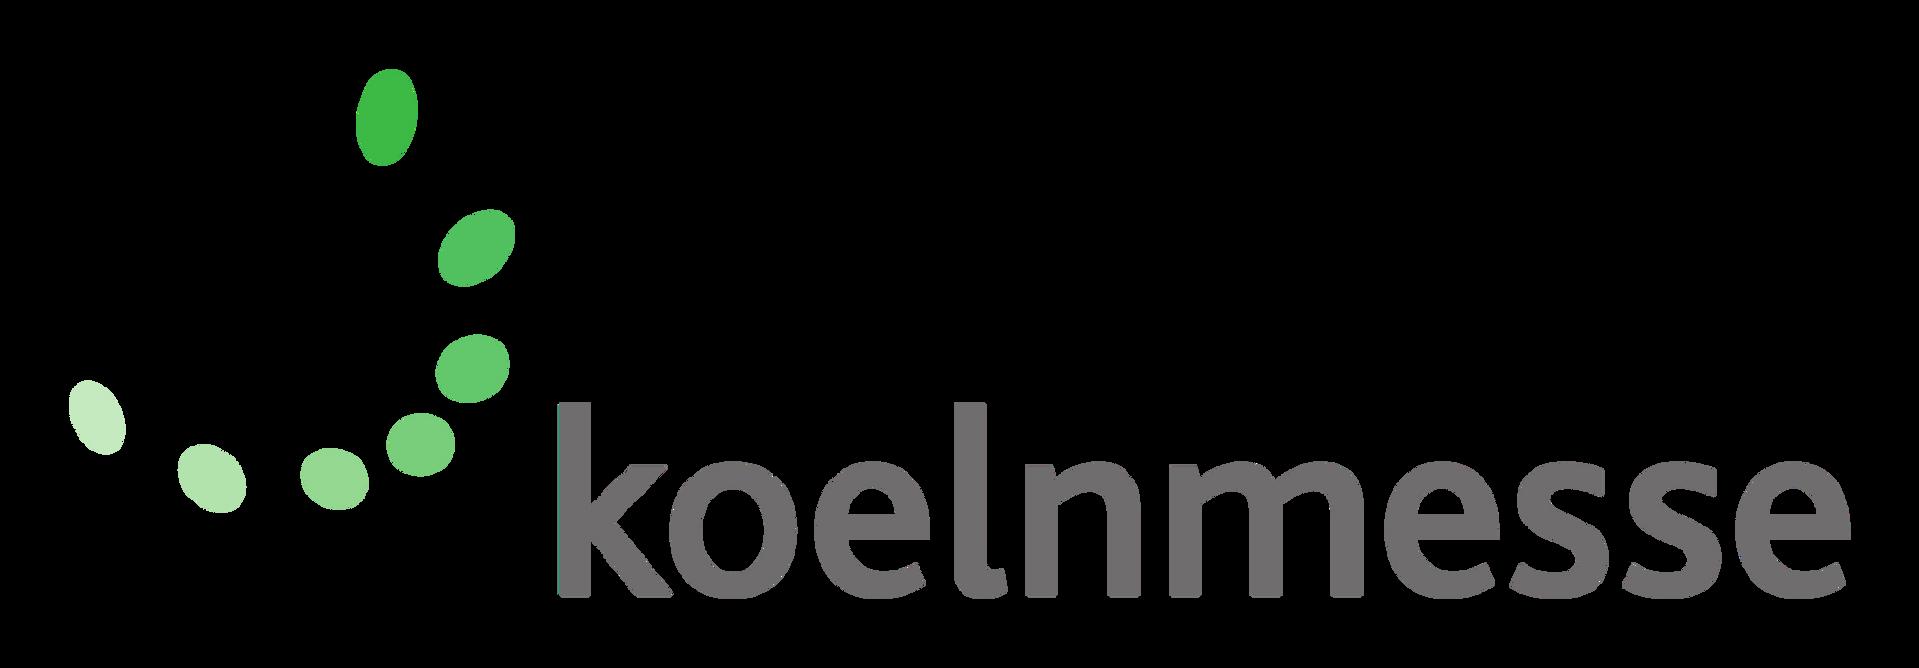 Koelnmesse_Logo.svg.png